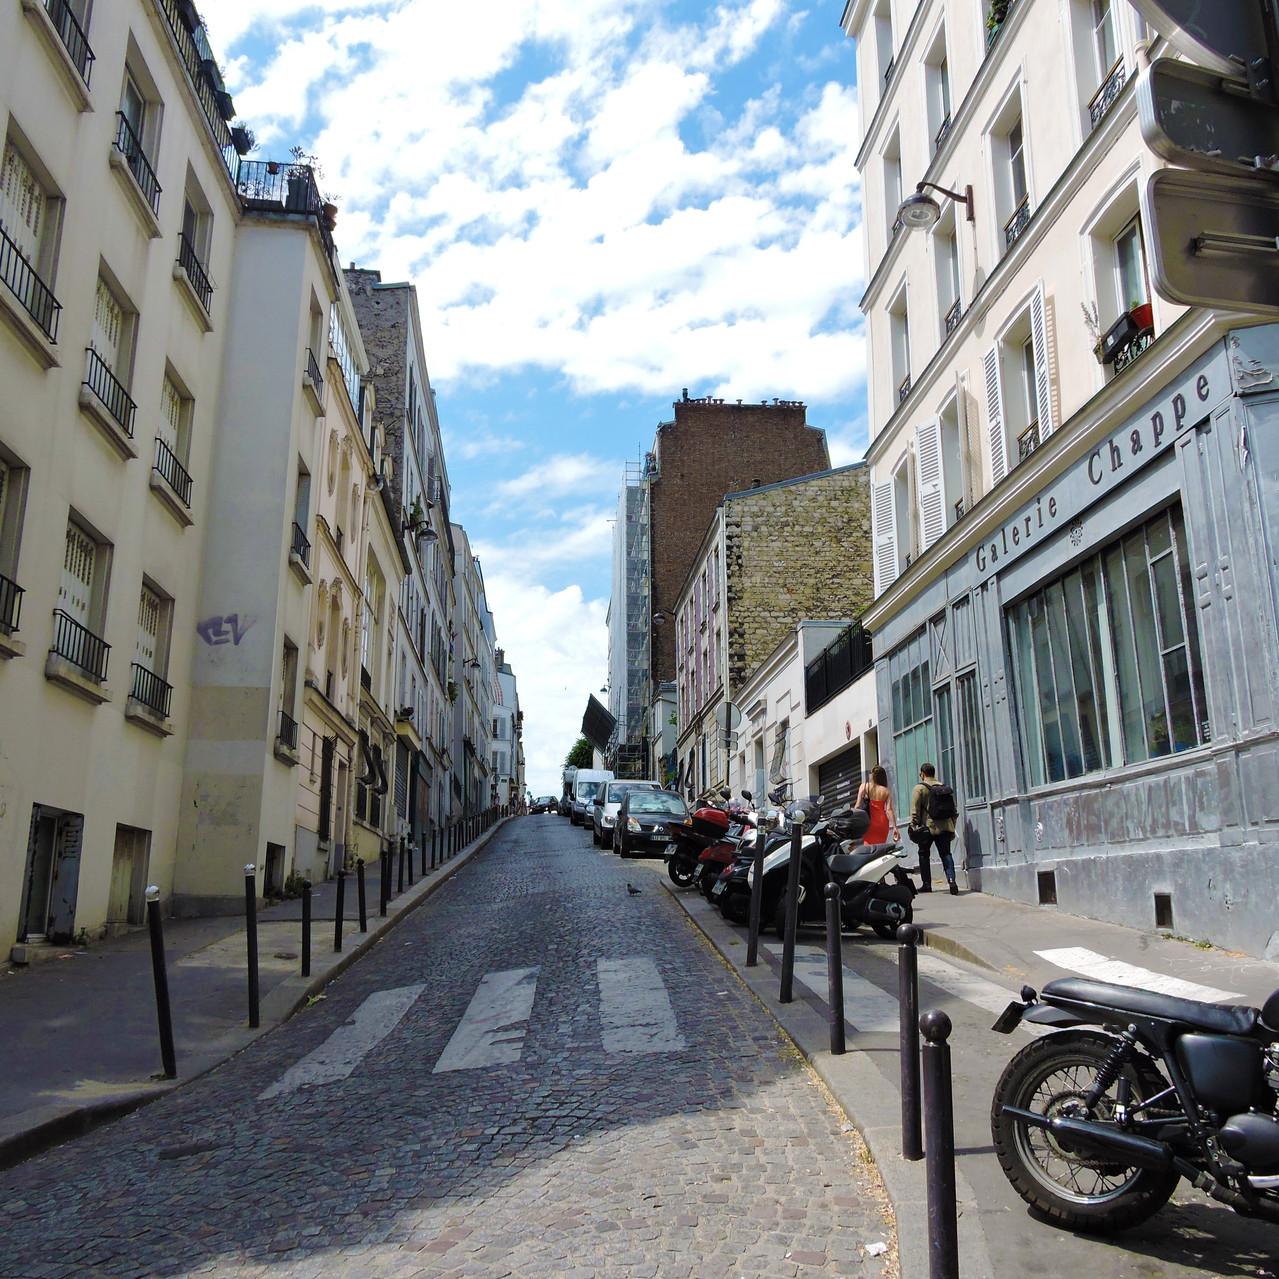 Streets of Montmarte